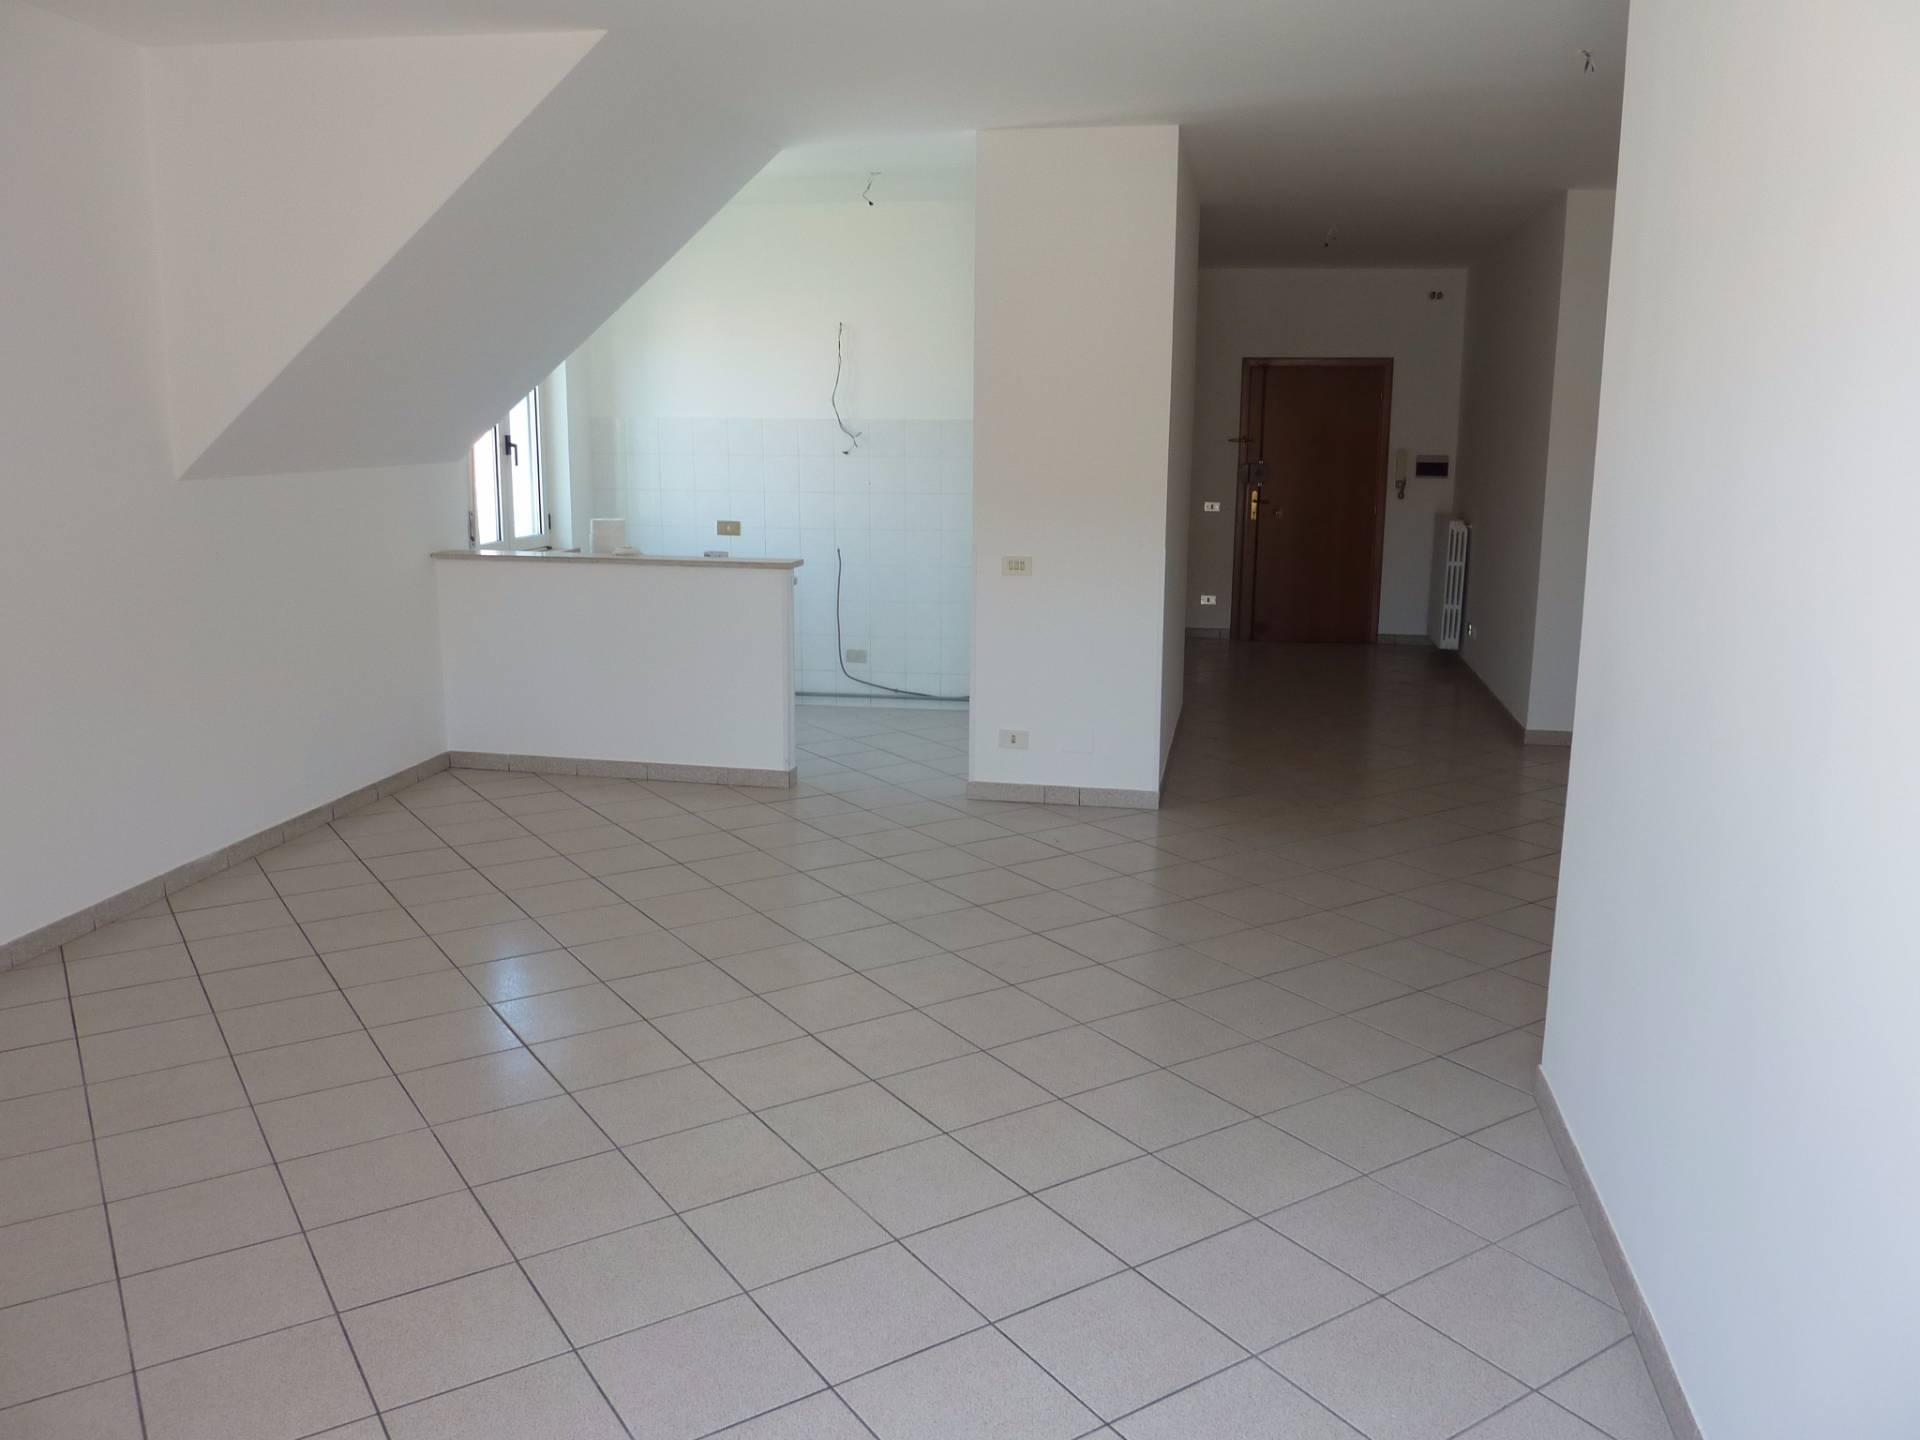 Appartamento in affitto a San Benedetto del Tronto, 5 locali, zona Località: PortodAscoli, prezzo € 550   CambioCasa.it